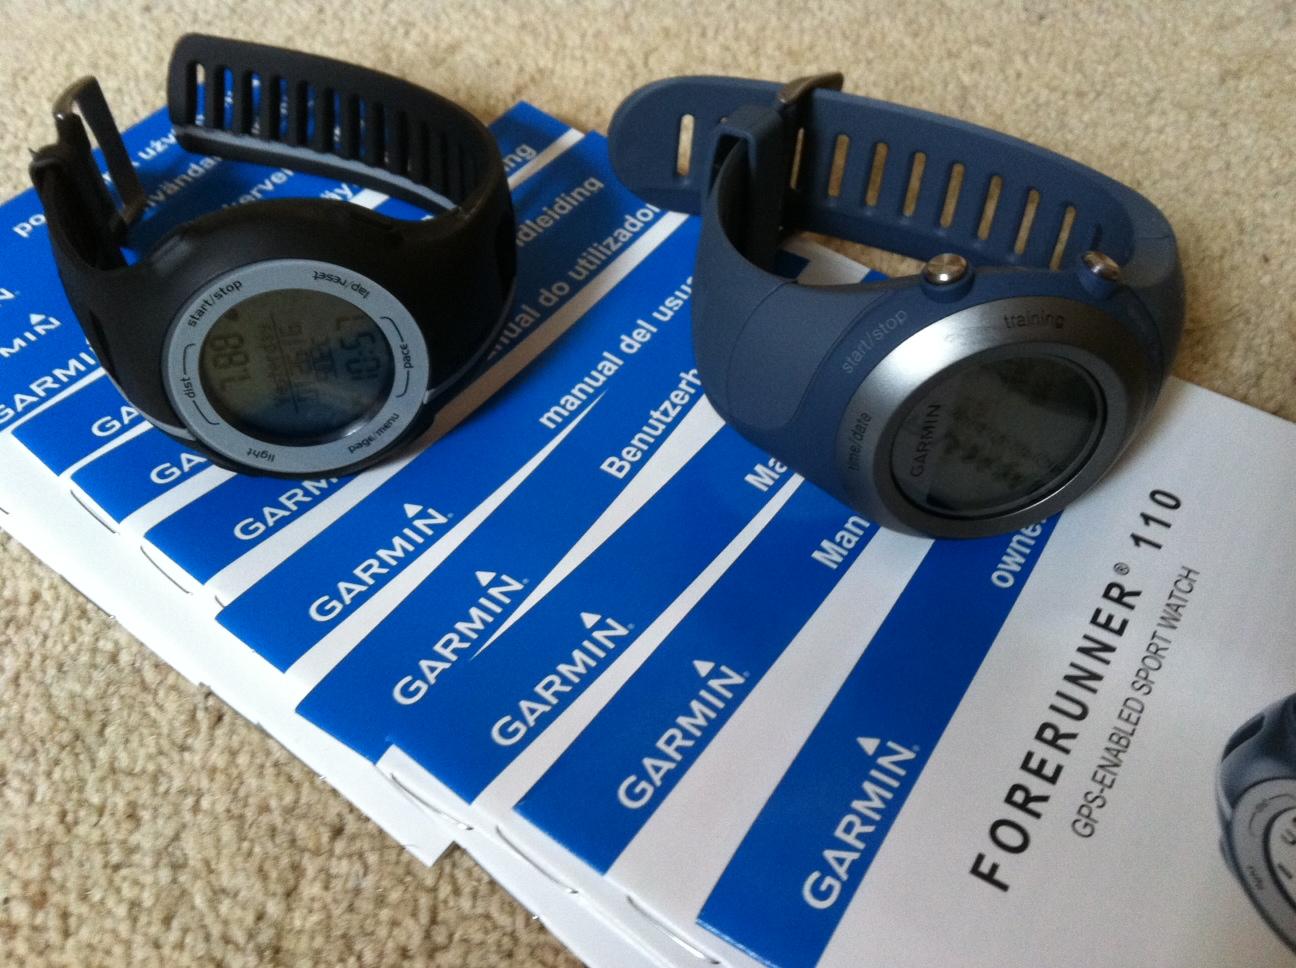 garmin swim watch instructions